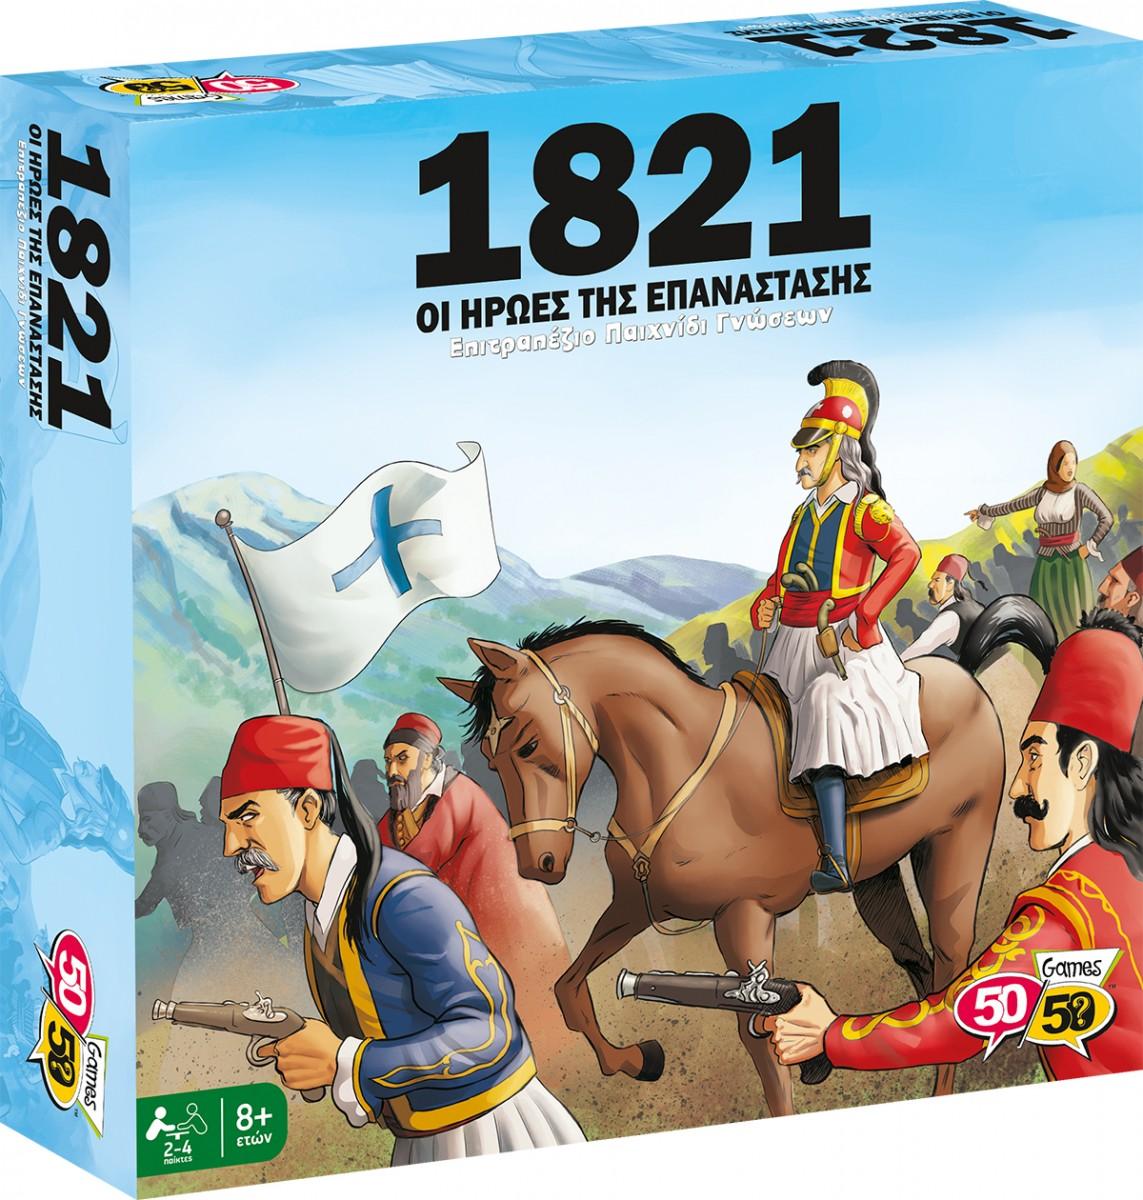 1821 ΟΙ ΗΡΩΕΣ ΤΗΣ ΕΠΑΝΑΣΤΑΣΗΣ ΕΠΙΤΡΑΠΕΖΙΟ ΠΑΙΧΝΙΔΙ